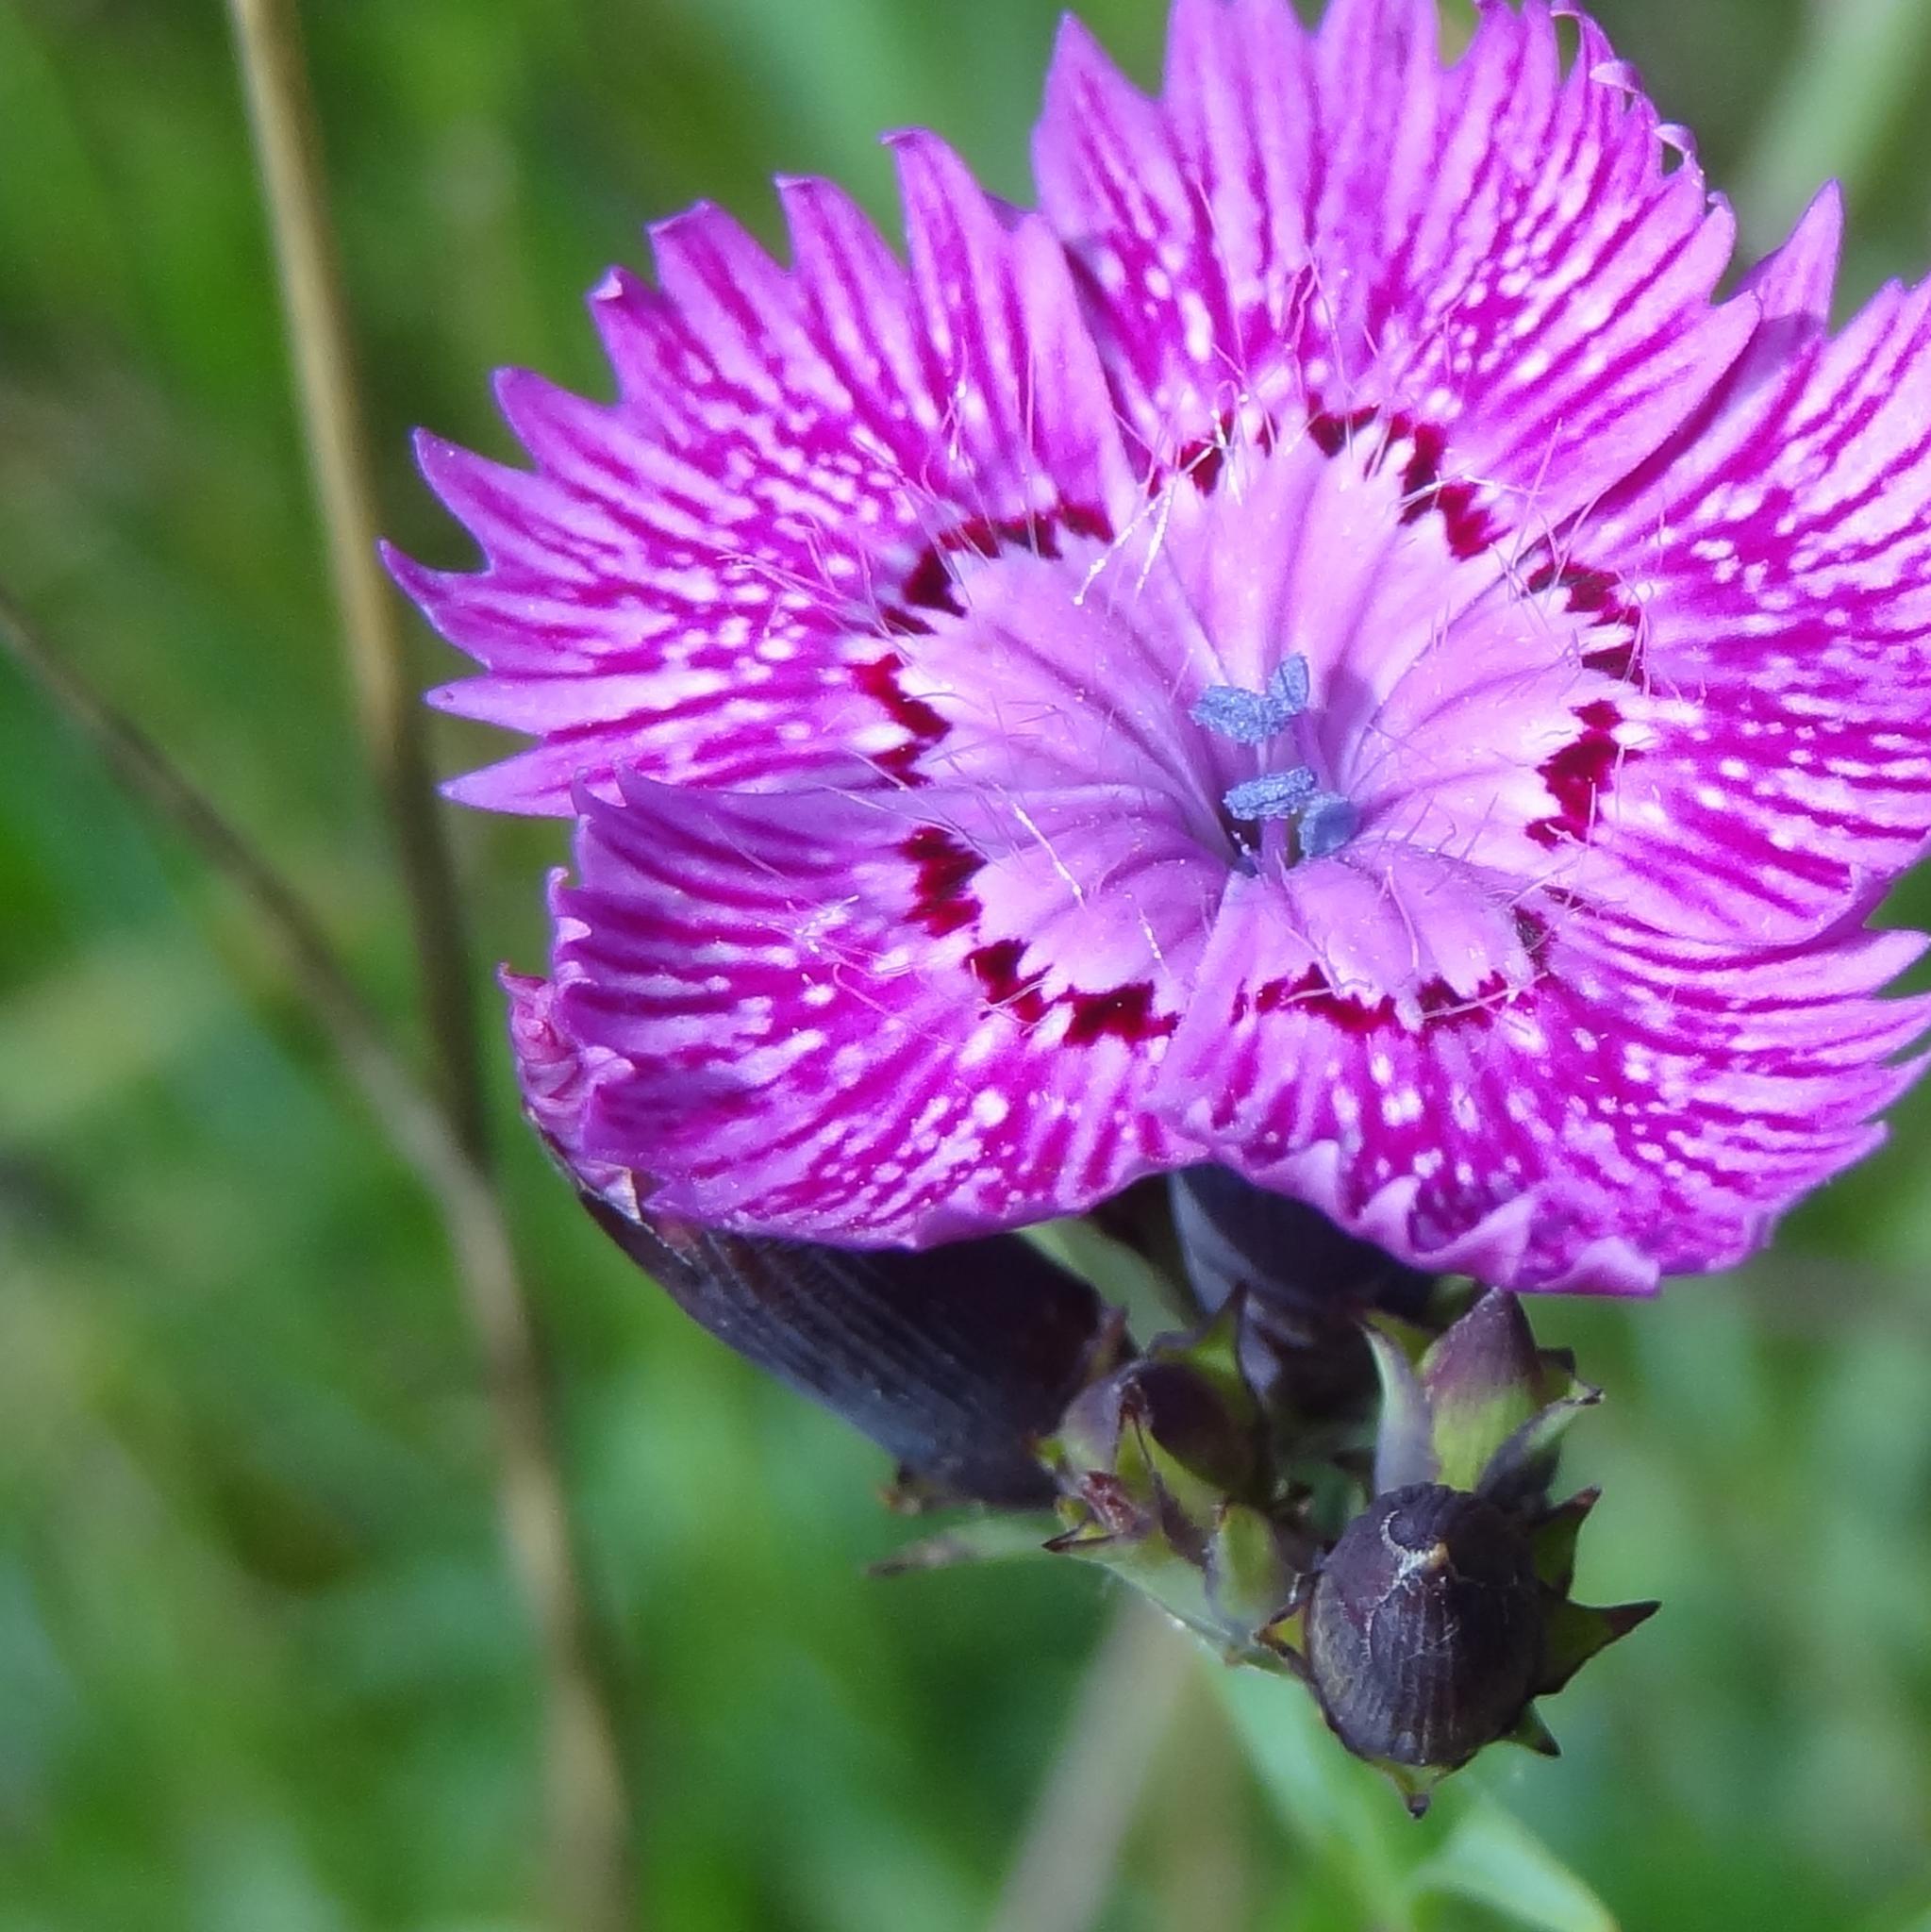 Fleur sauvage by Mina Elvé